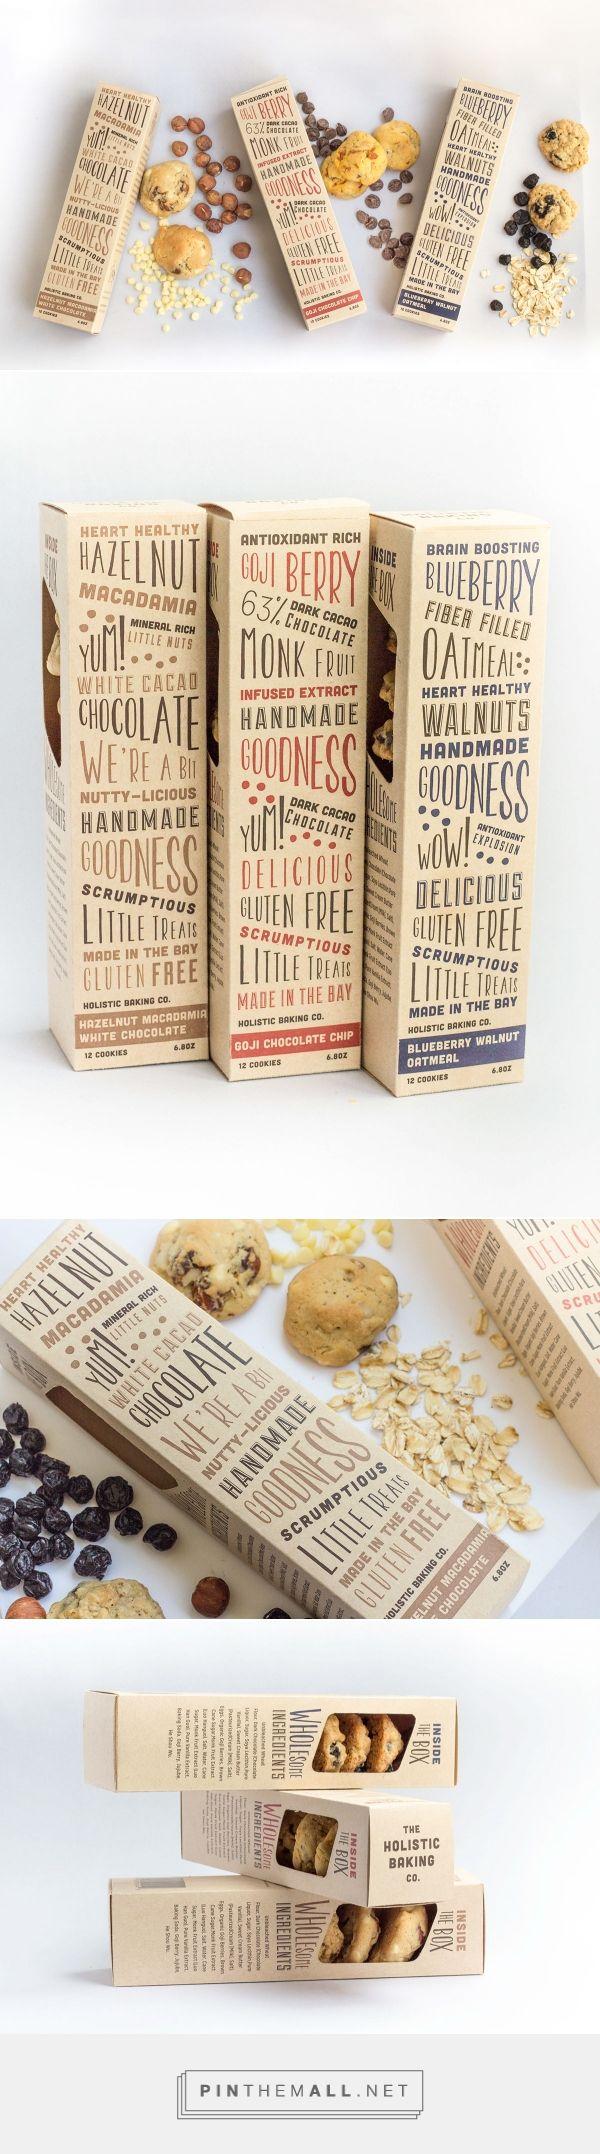 Diseño packaging cajas diseño